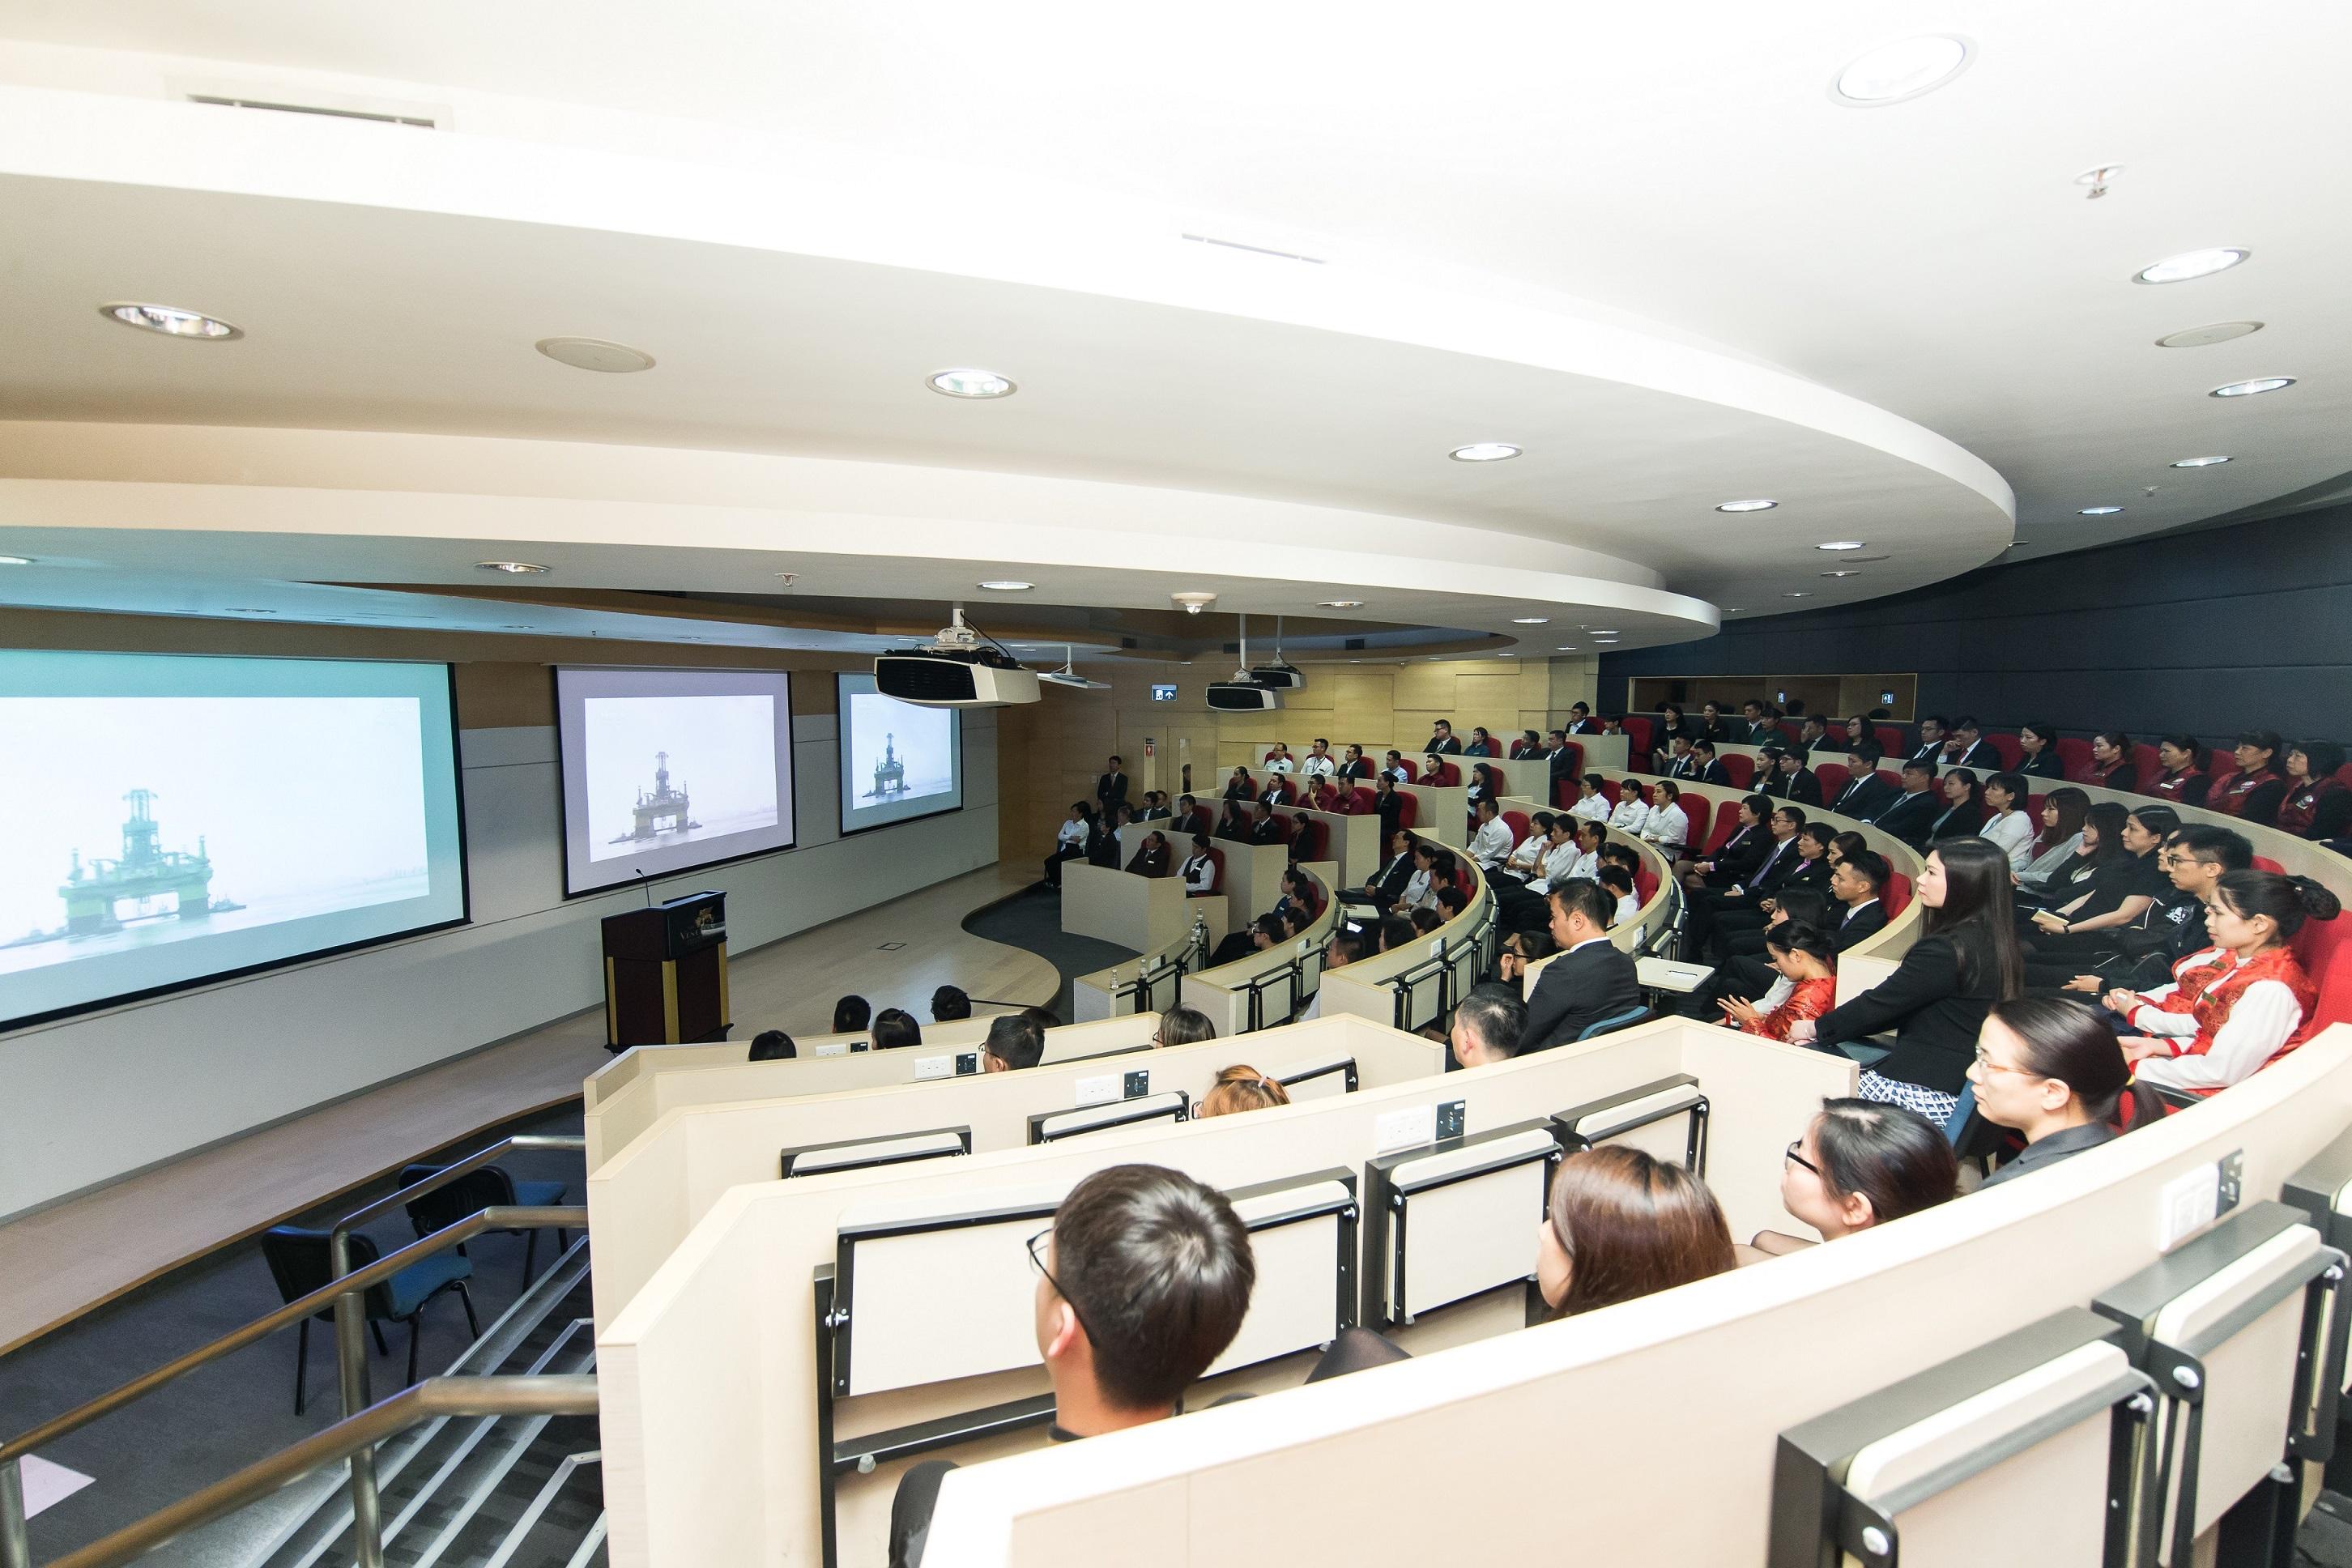 《辉煌中国》国情纪录片展播会 - 澳門威尼斯人艾德森高等教育中心